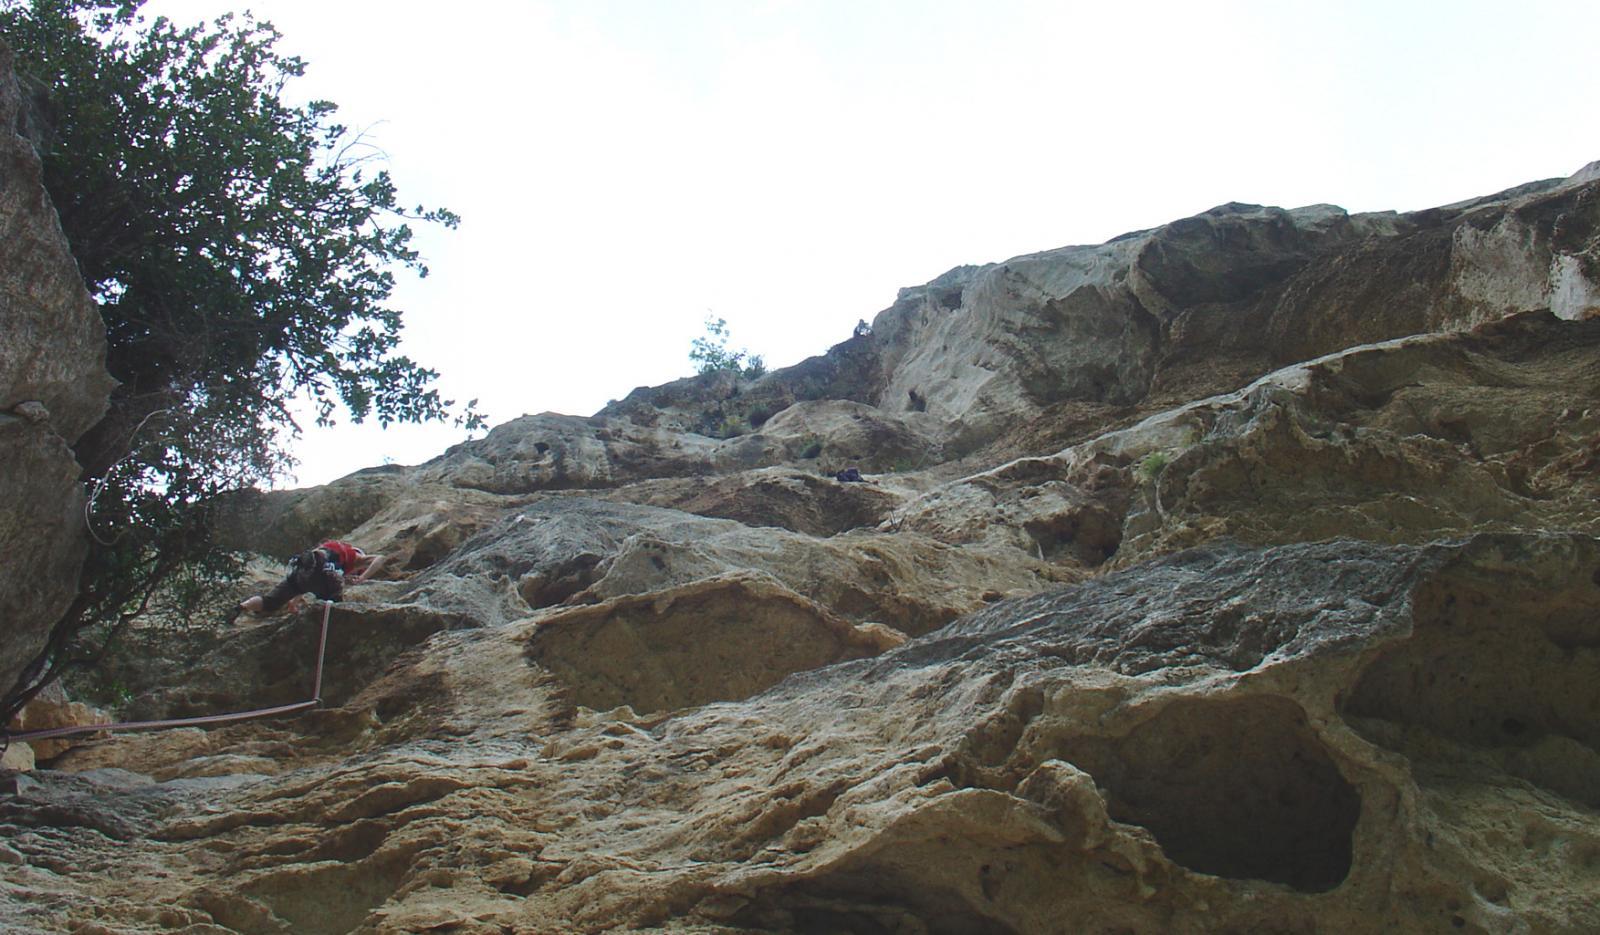 lato sinistro erosione